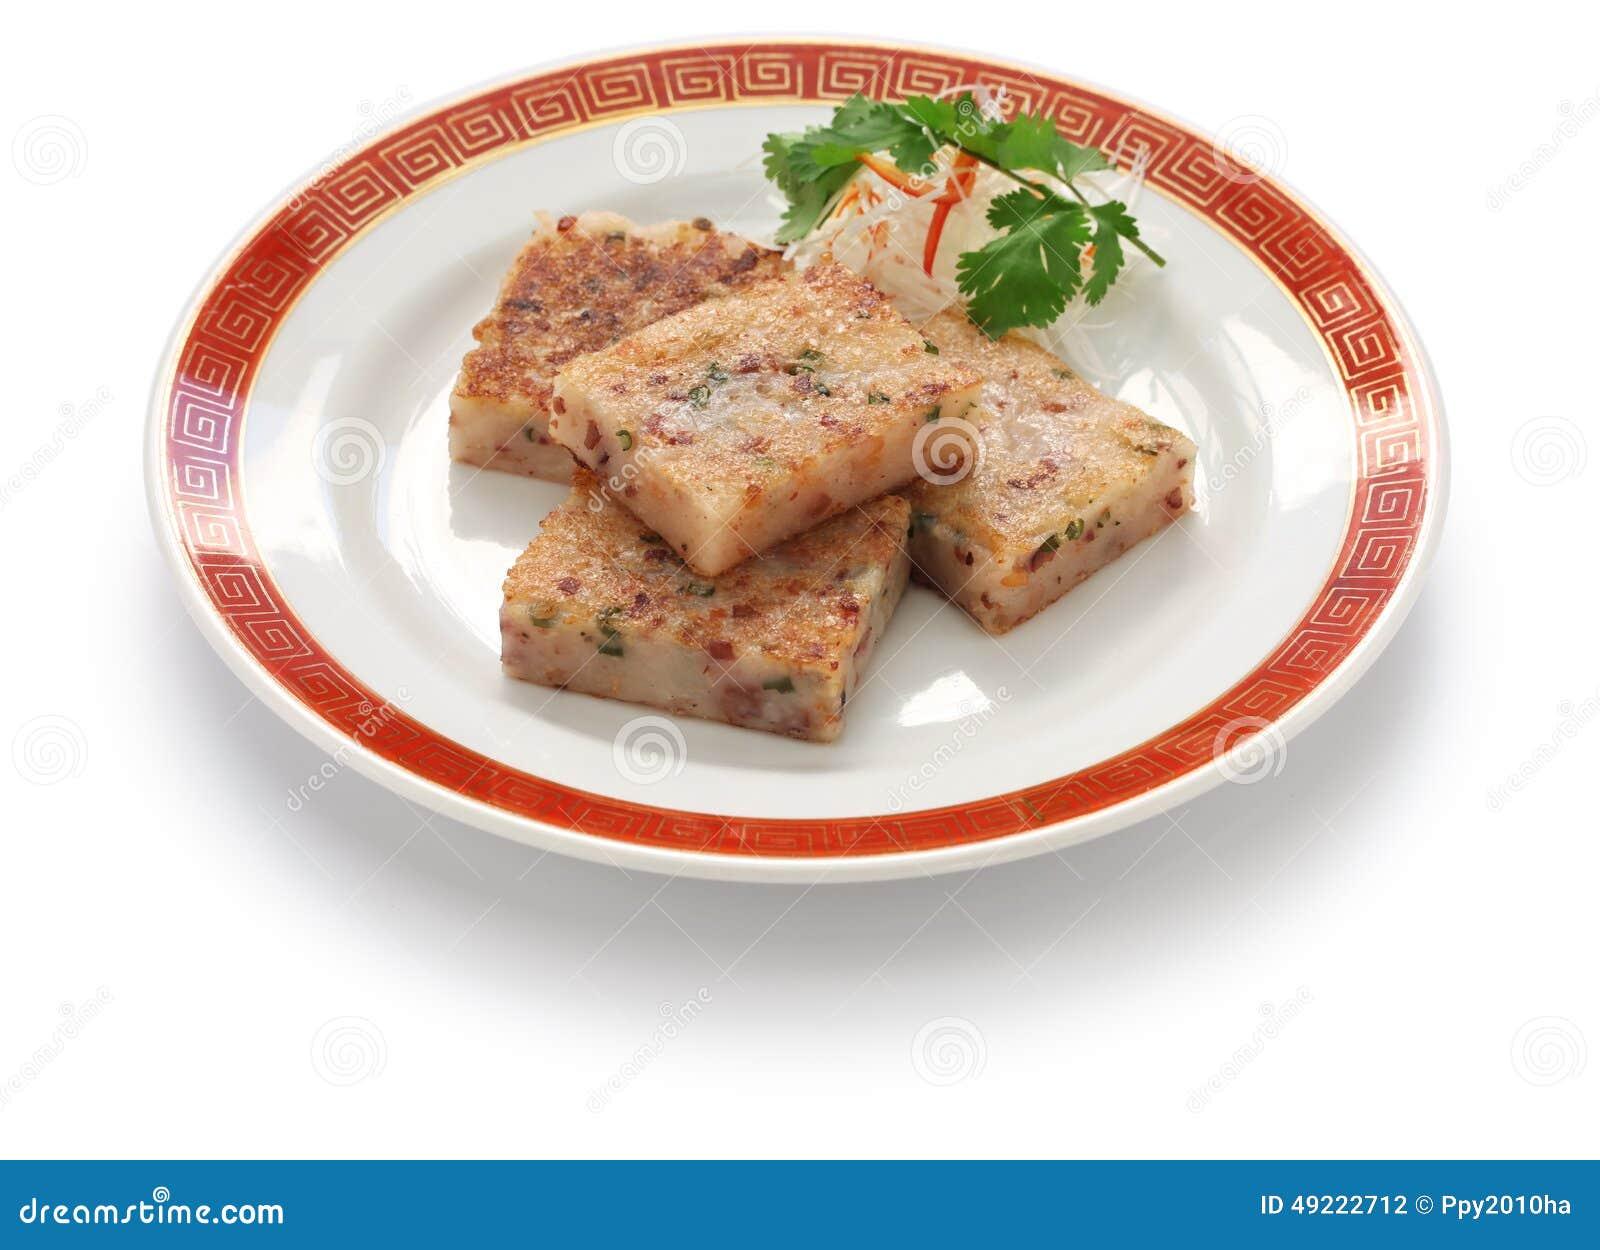 Selbst Gemachter Rübenkuchen, Chinesischer Dim Sum-Teller Stockfoto ...